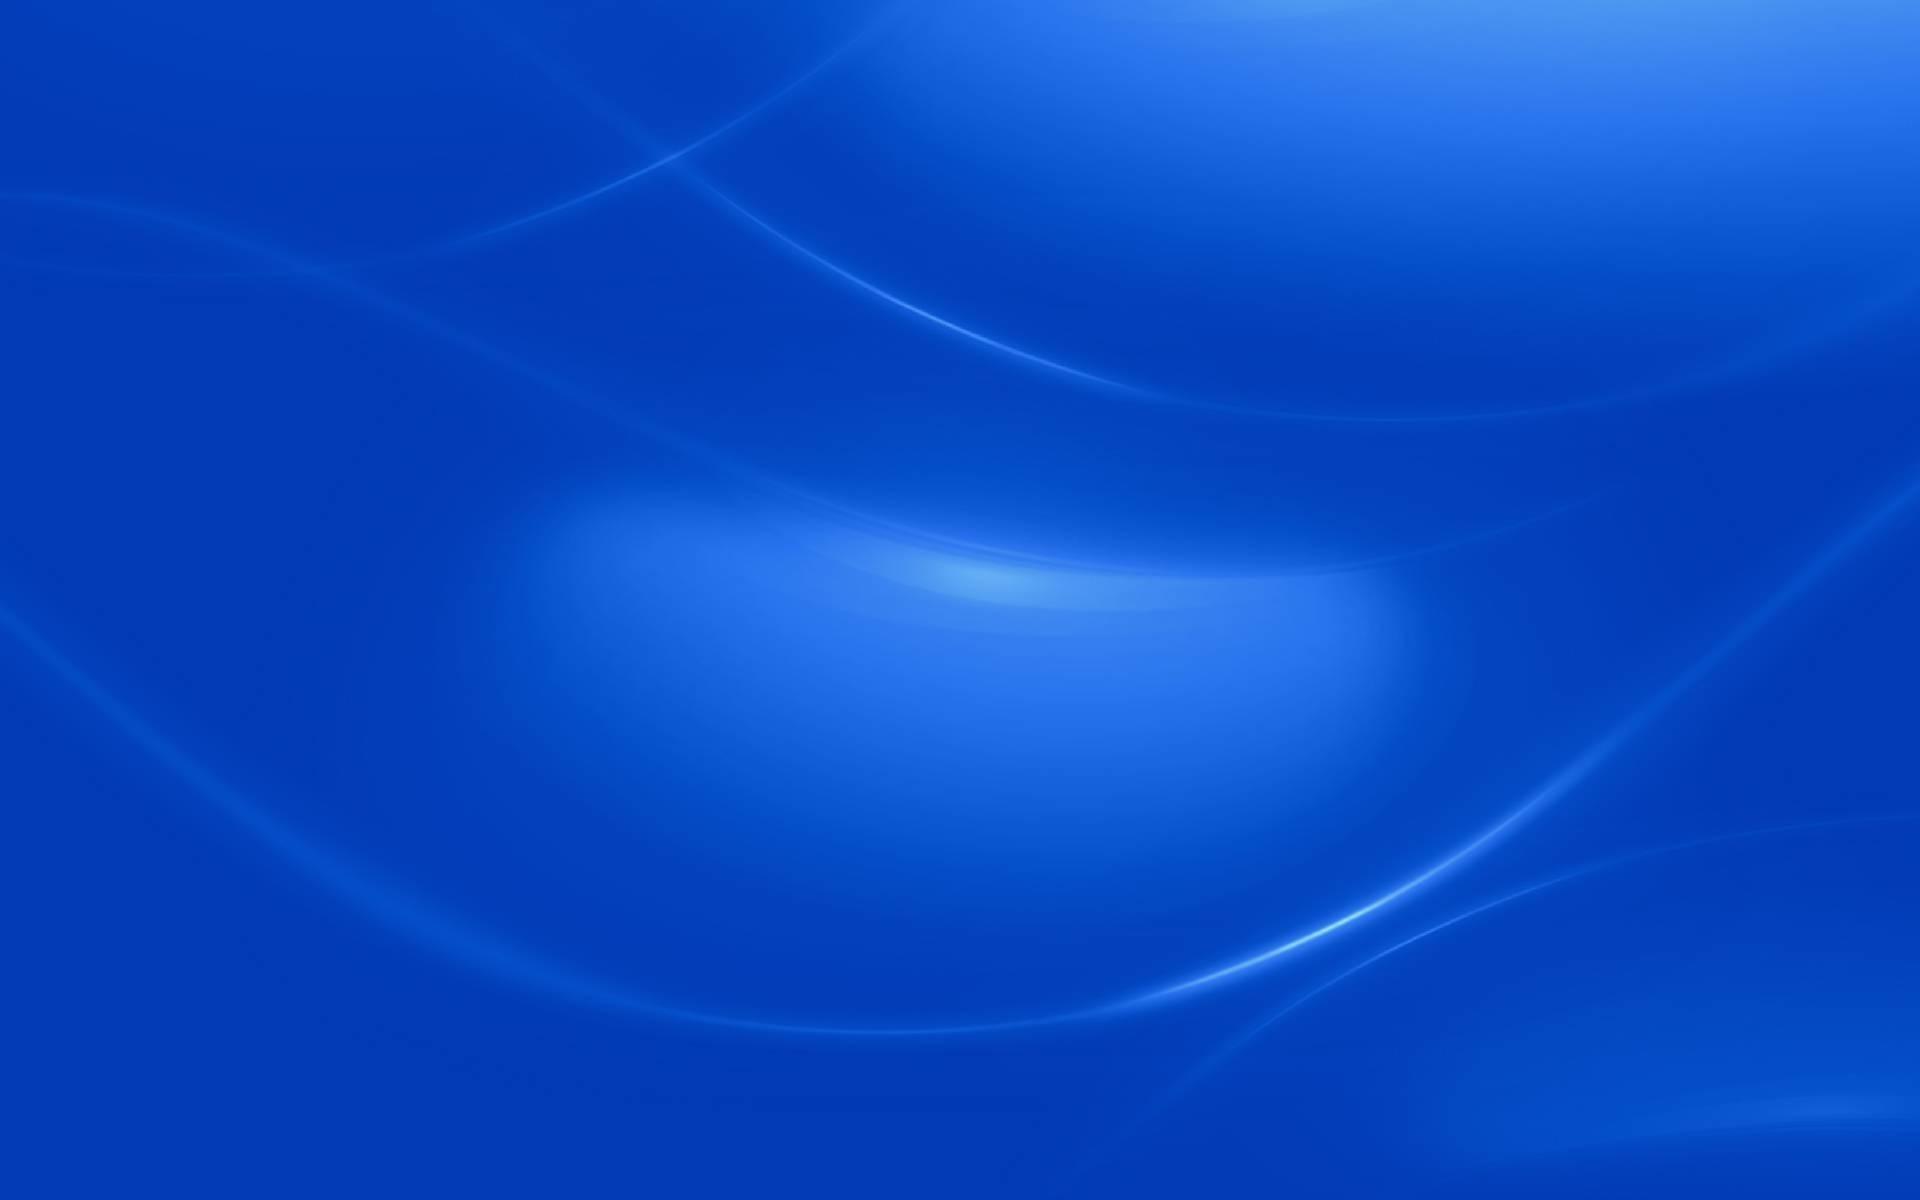 3840x2160 Alienware 17, Asus ZenBook, Asus ZenBook Pro, Dell XPS 13, Dell XPS 15